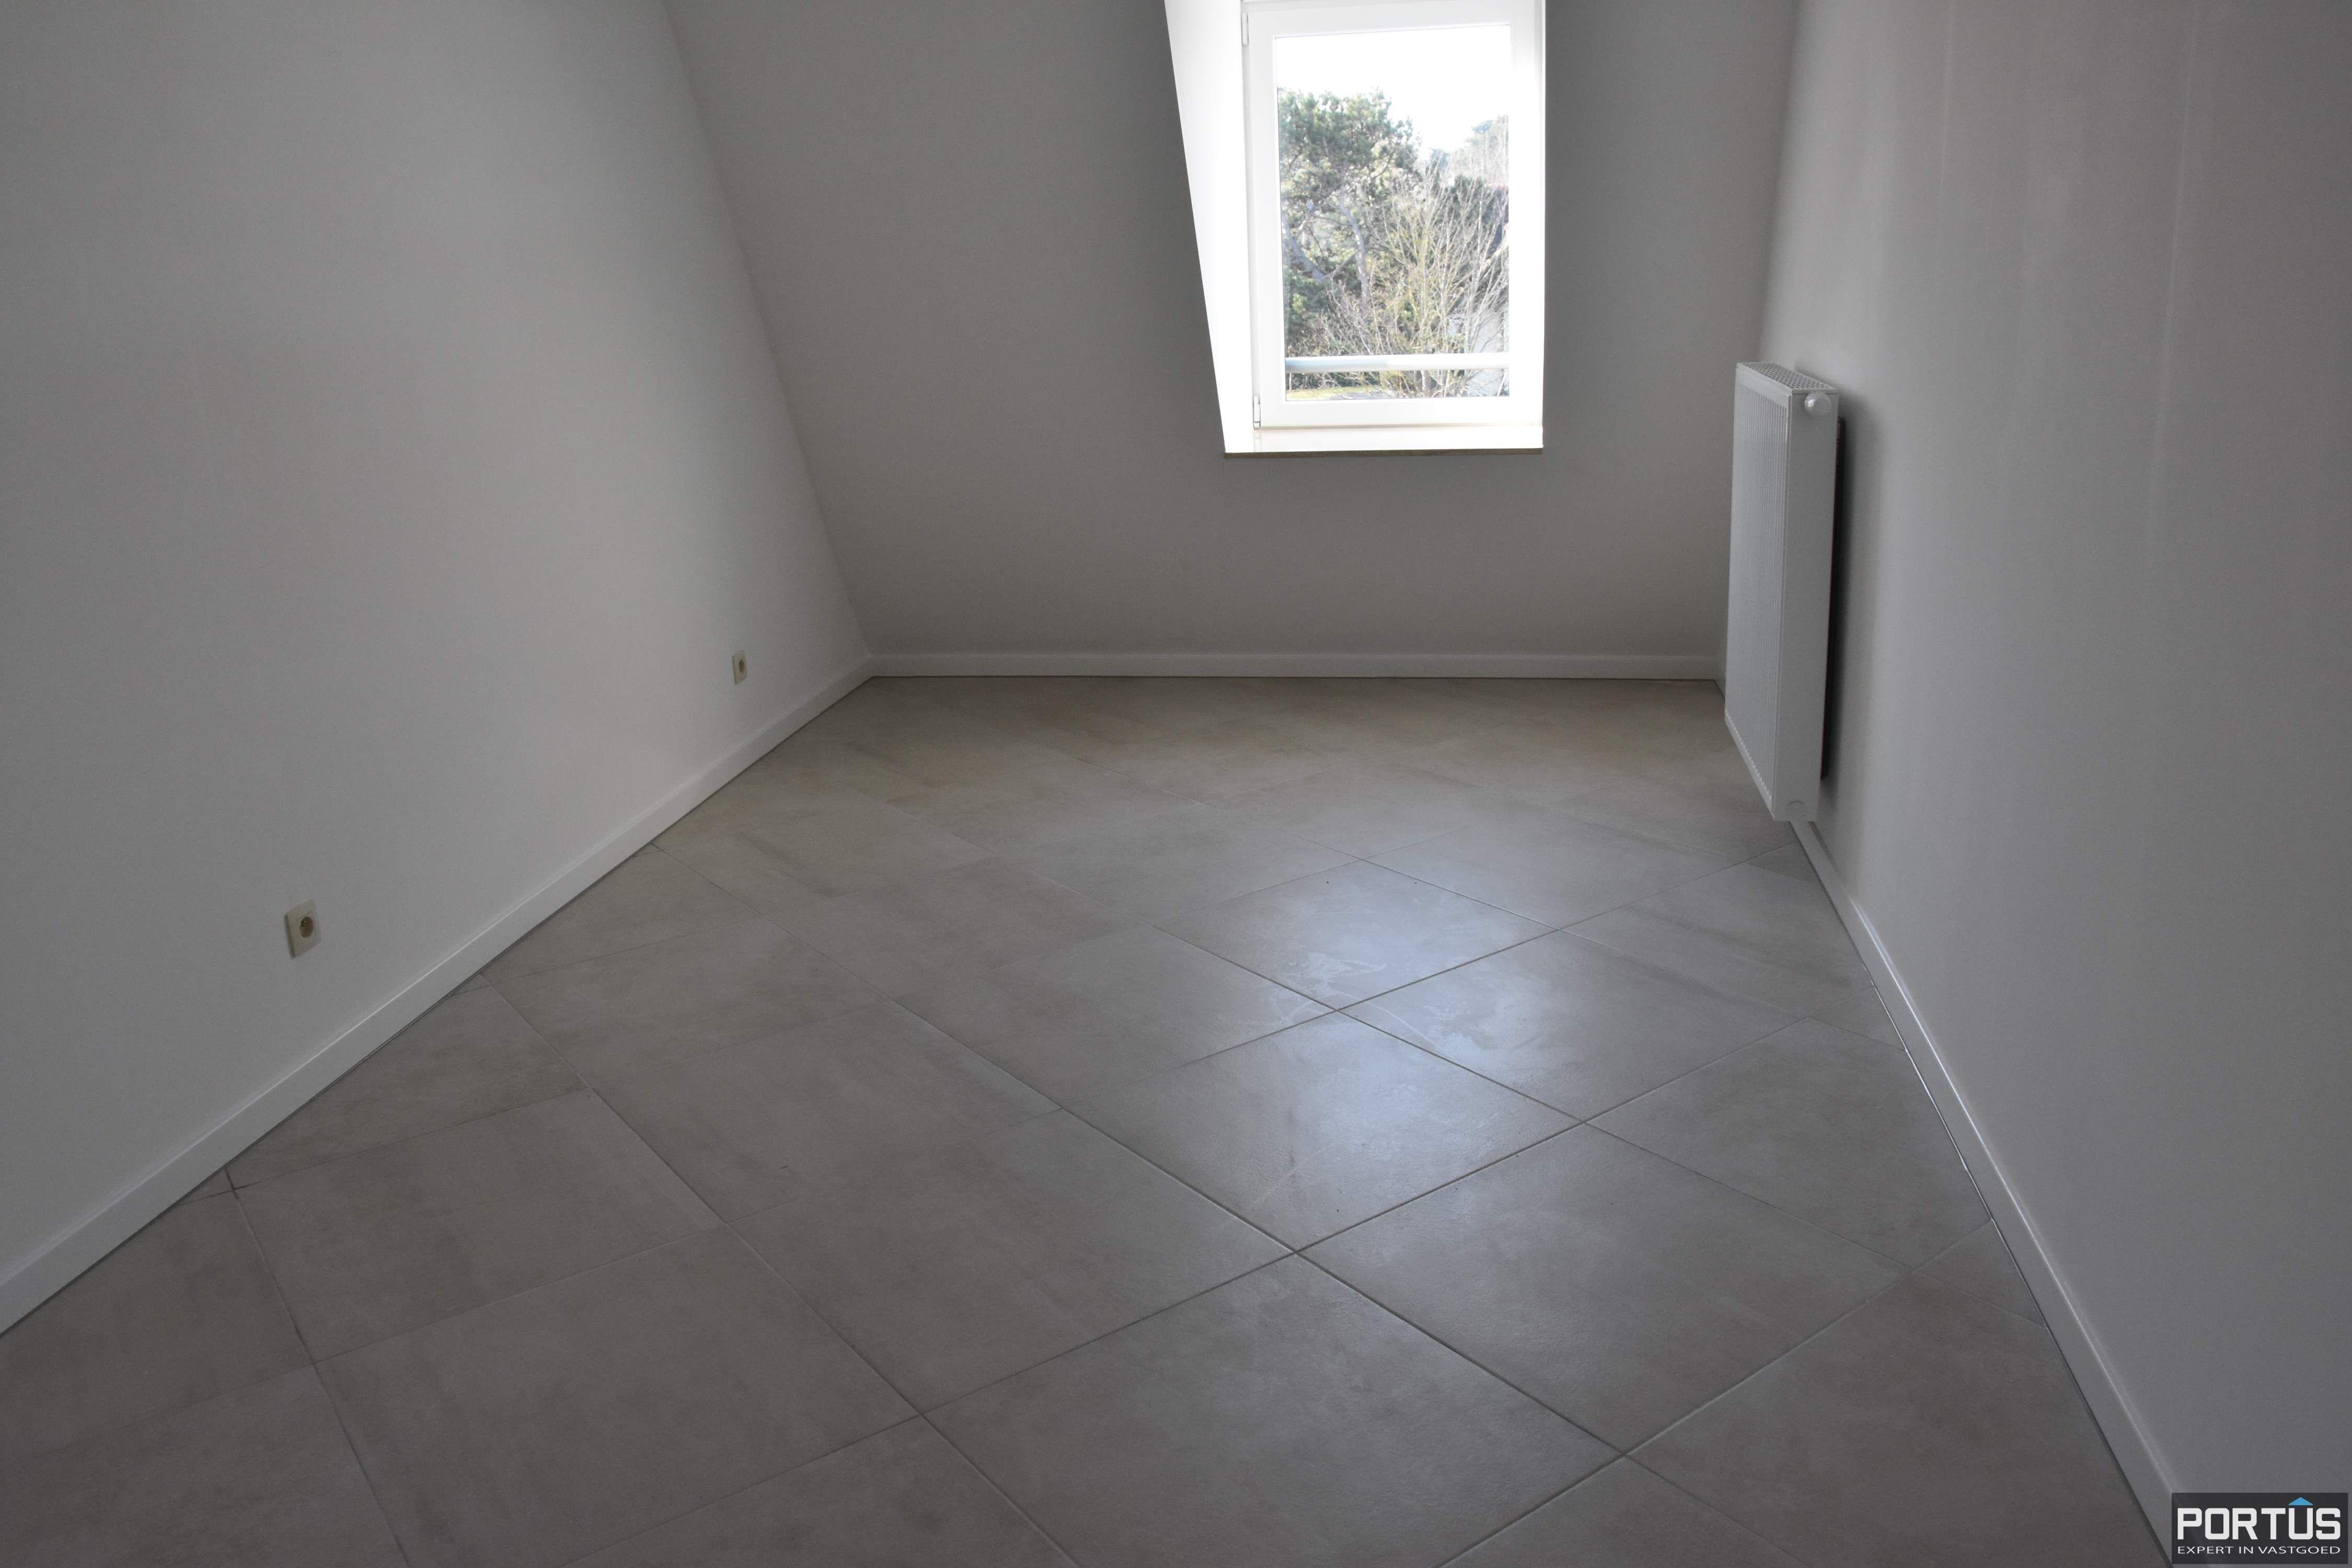 Appartement Residentie Villa Crombez Nieuwpoort - 9283